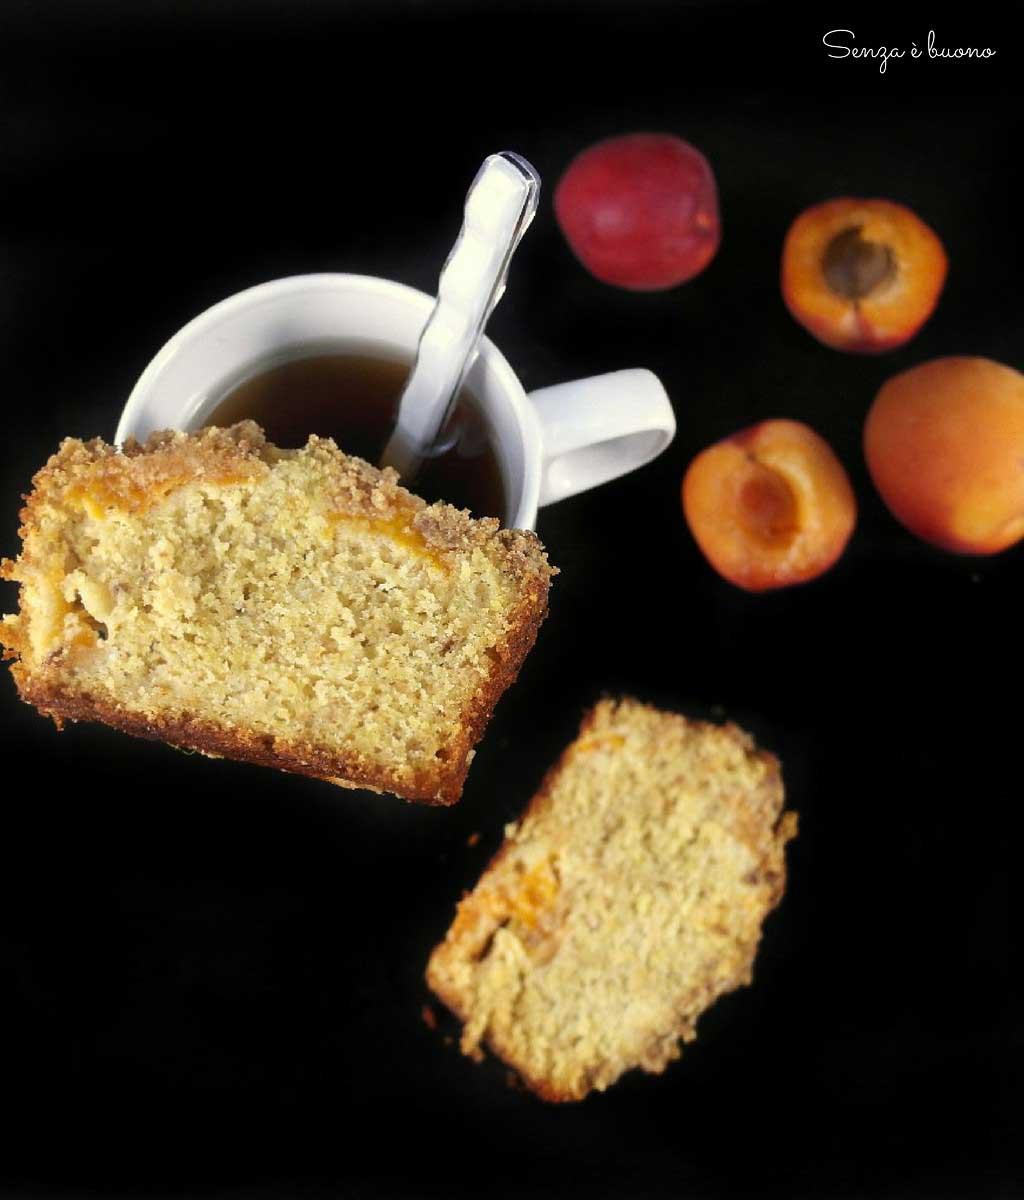 Plumcake con albicocche fresche e crumble croccante senza glutine senza latticini sugarfree